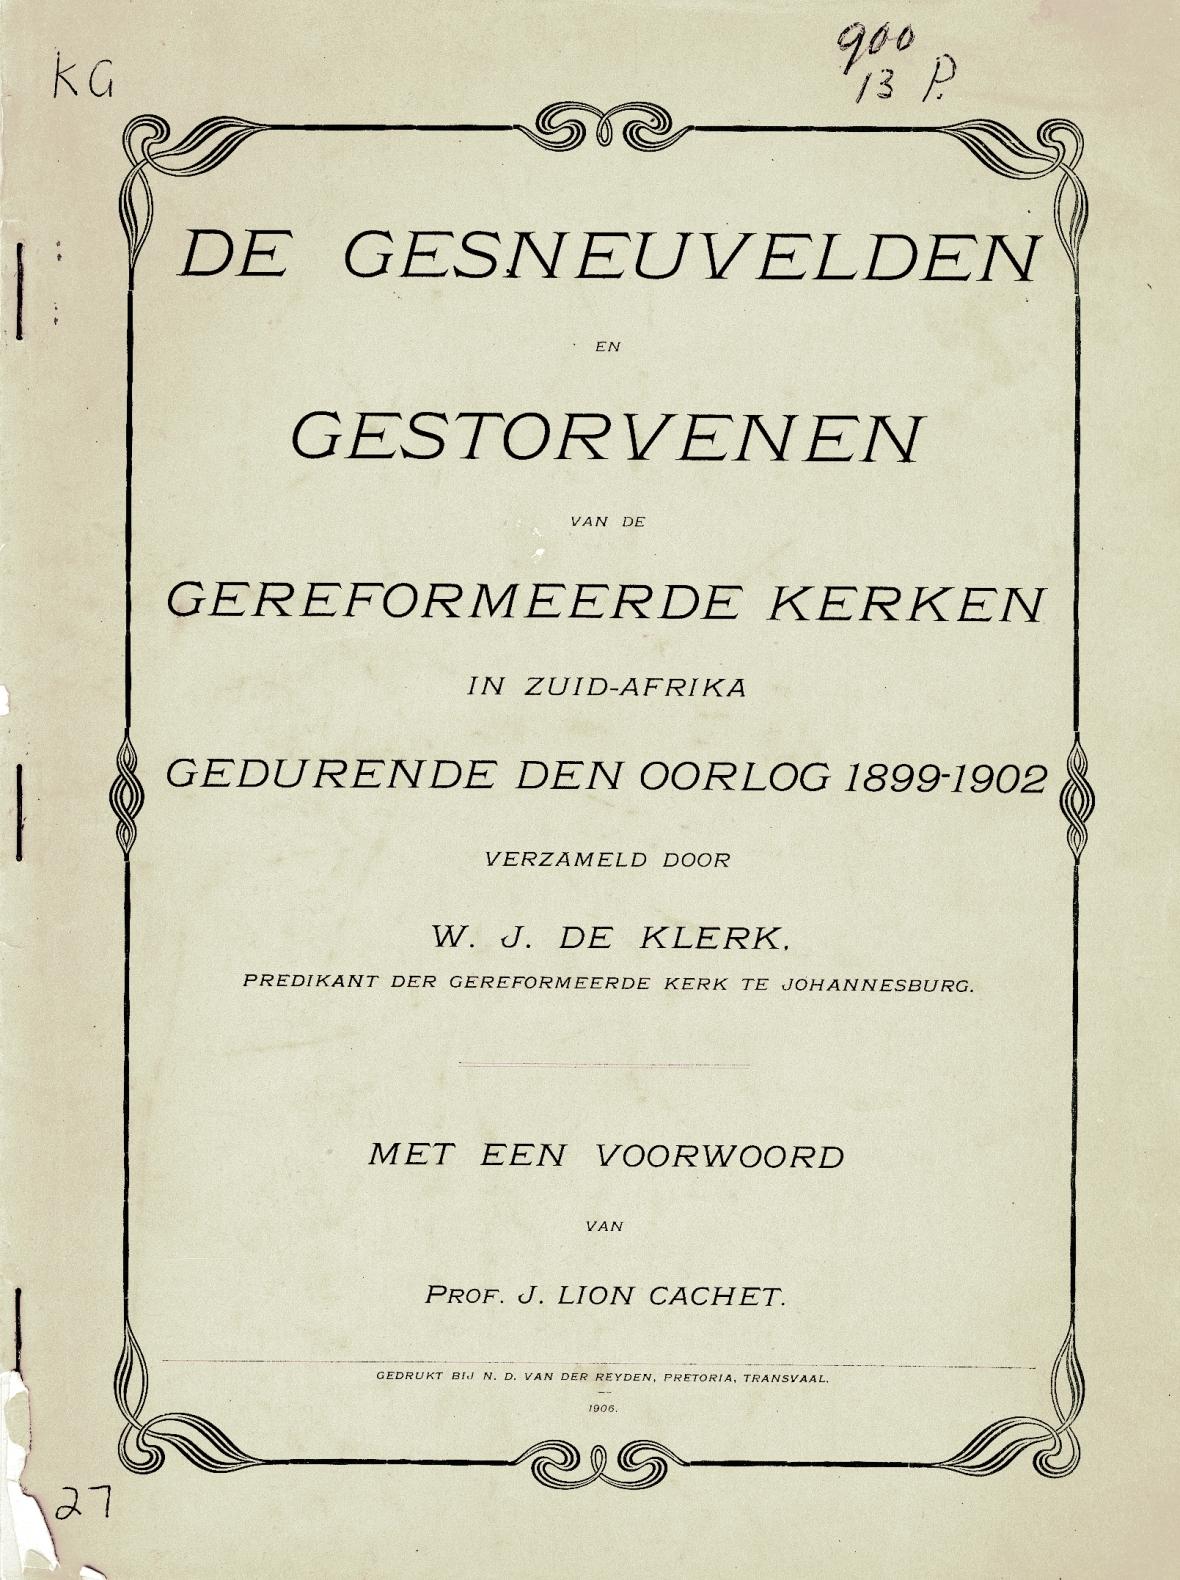 De_Gesneuvelden_en_gestorven_van_de_Gereformeerde_Kerken_in_Zuid-Afrika_gedurende_den_oorlog_1899-1902_verzameld_door_WJ_de_Klerk.jpg